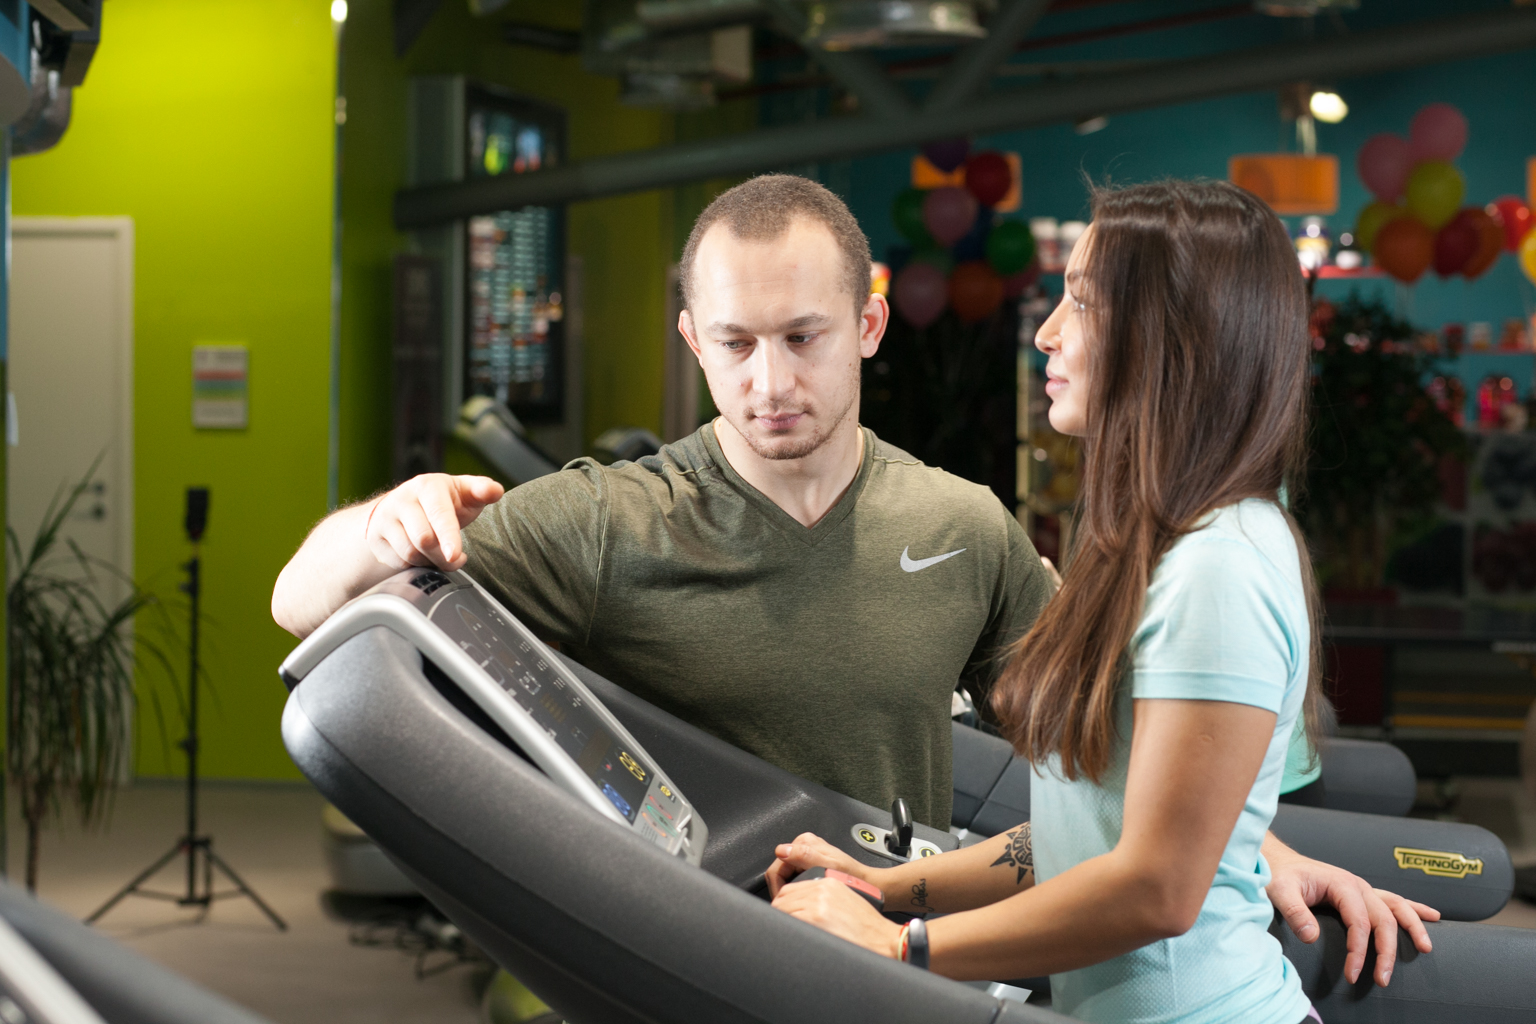 Программа тренировок для сжигания жира и наращивания мышц